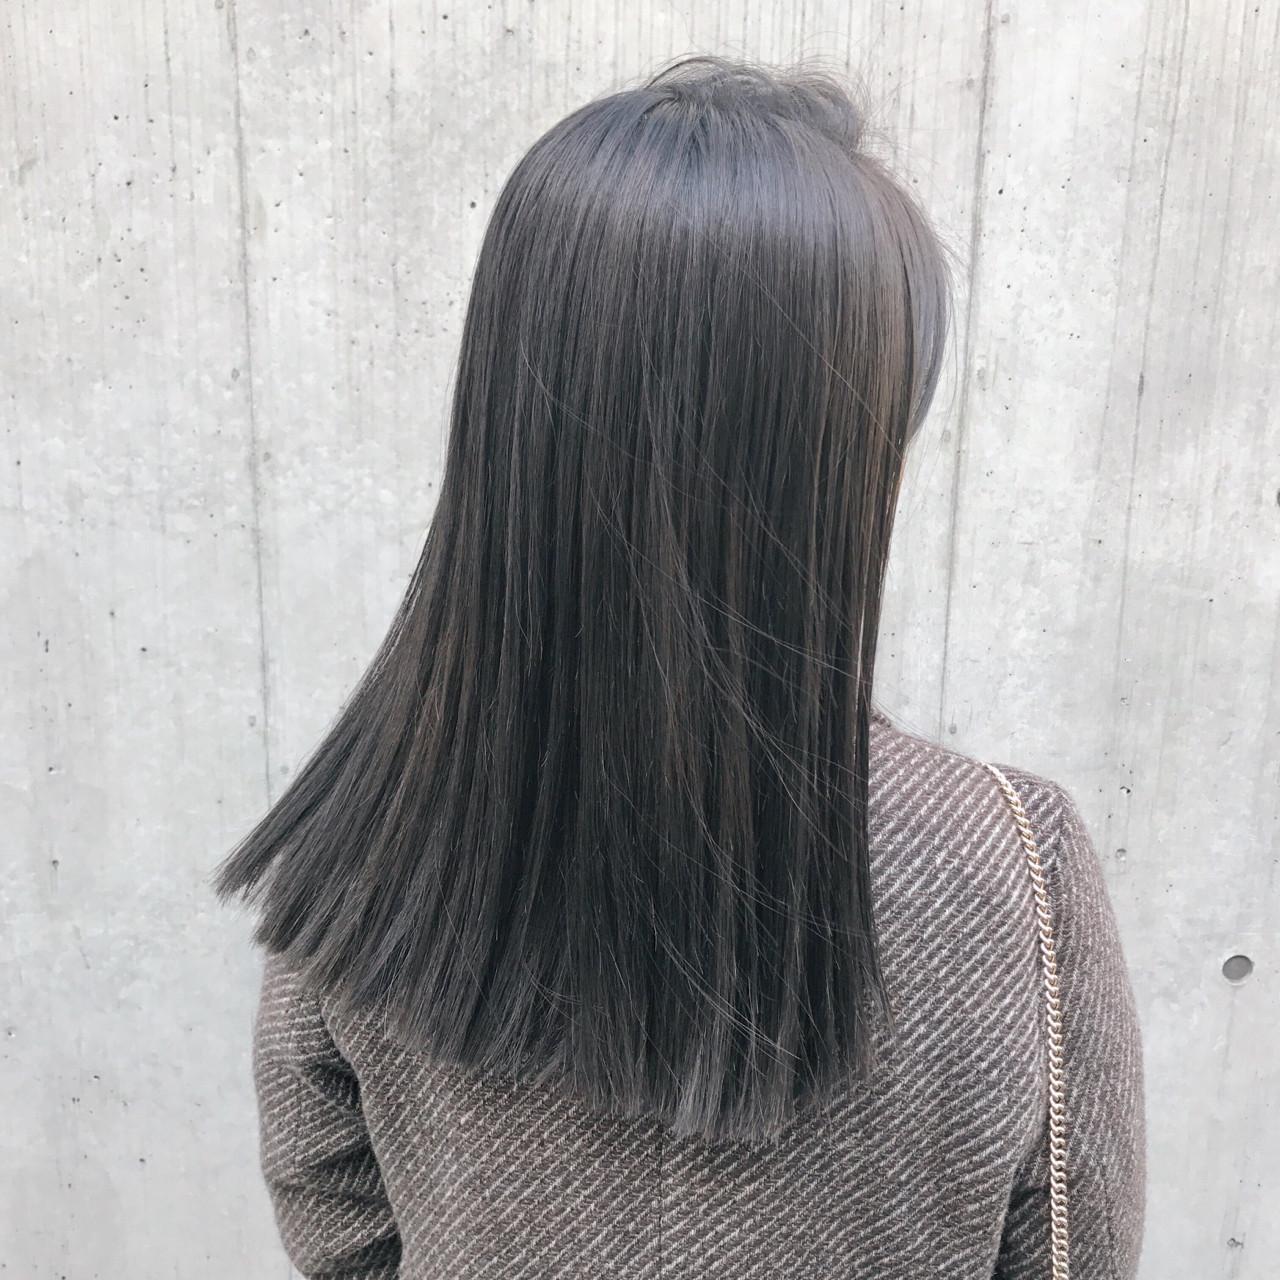 ブラントカット 切りっぱなし 簡単 ナチュラルヘアスタイルや髪型の写真・画像